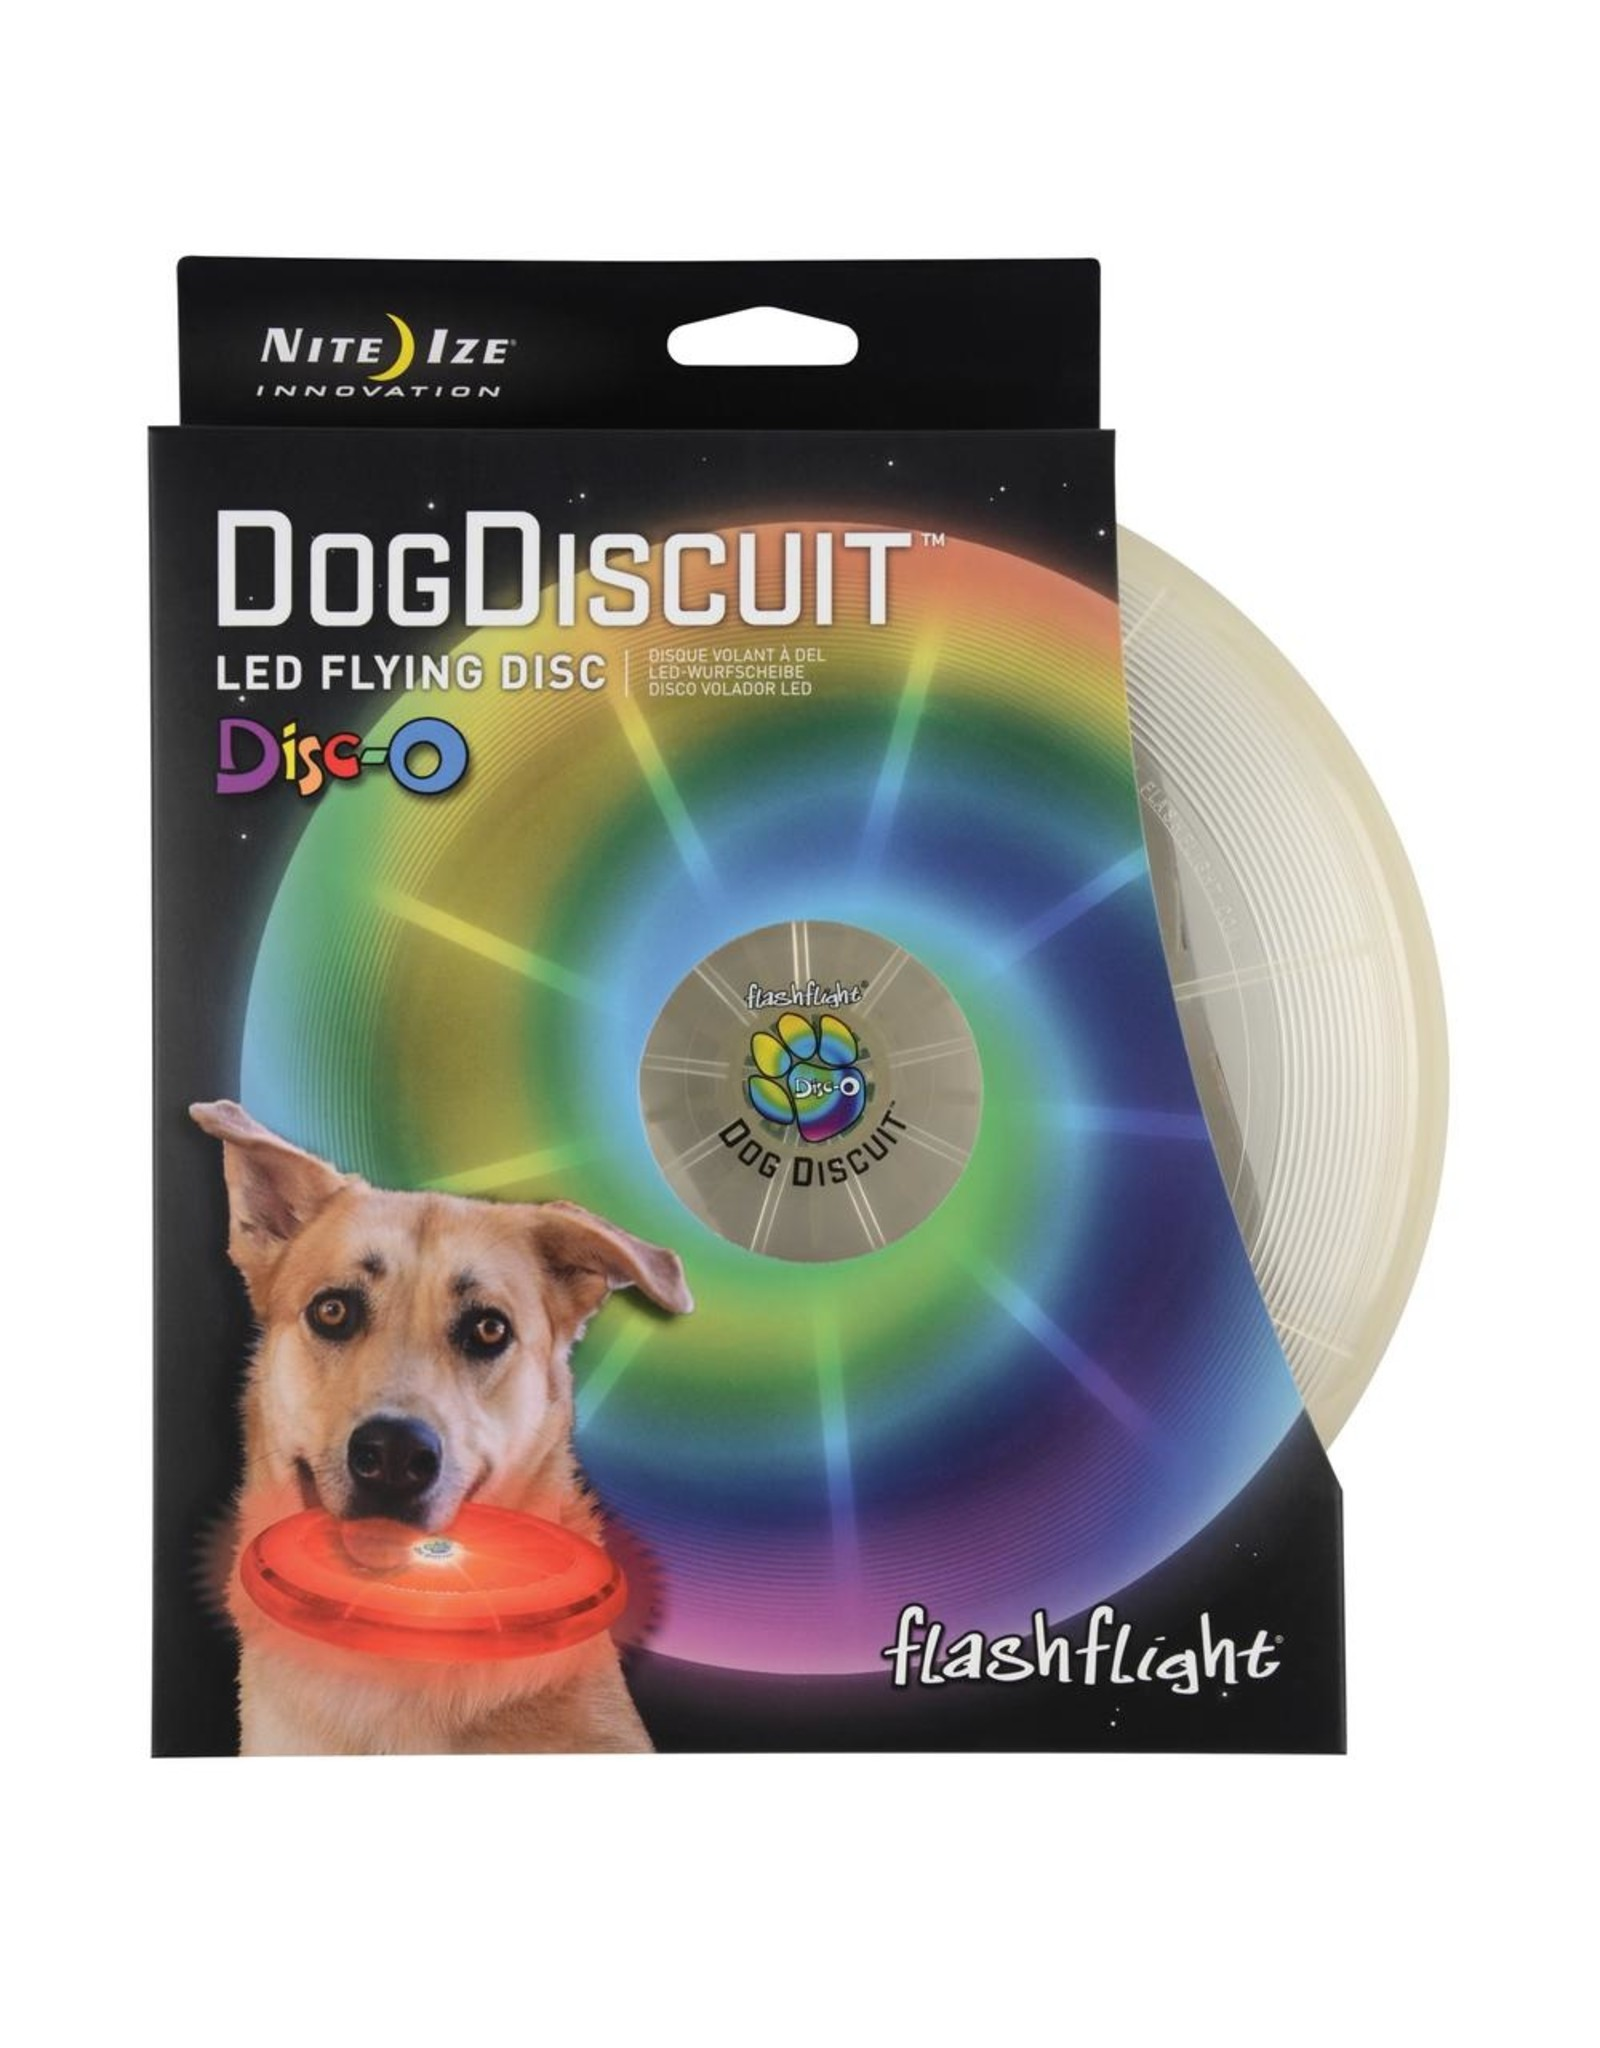 Nite Ize NITE IZE DOGDISCUIT LED FLYING DISC DISC-O